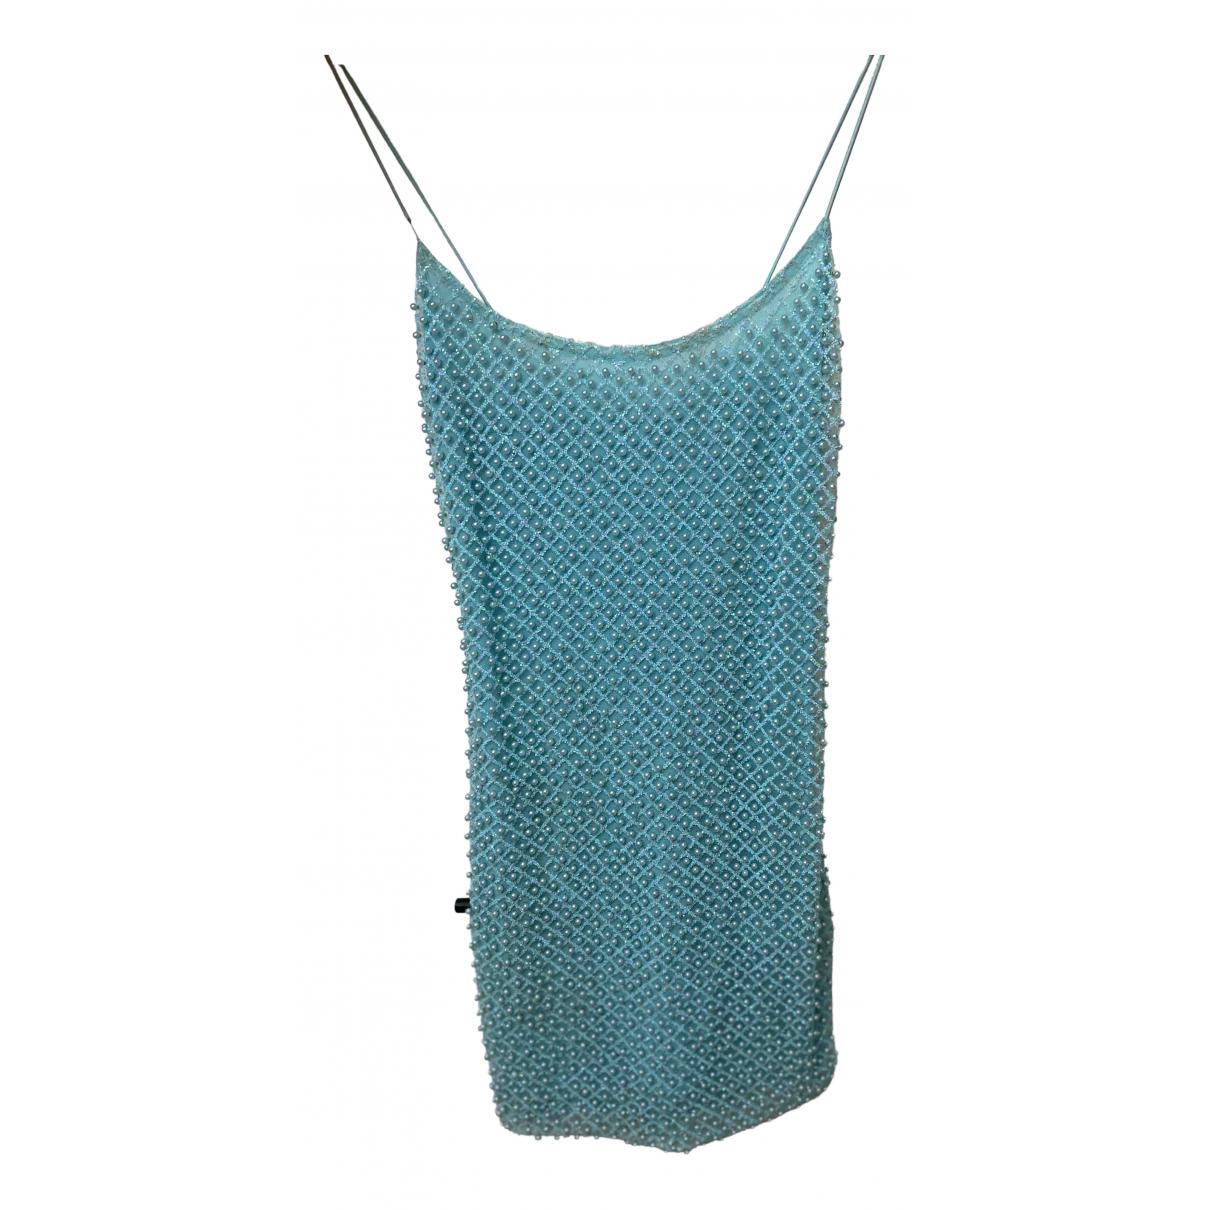 Ohpolly \N Kleid in  Blau Wolle